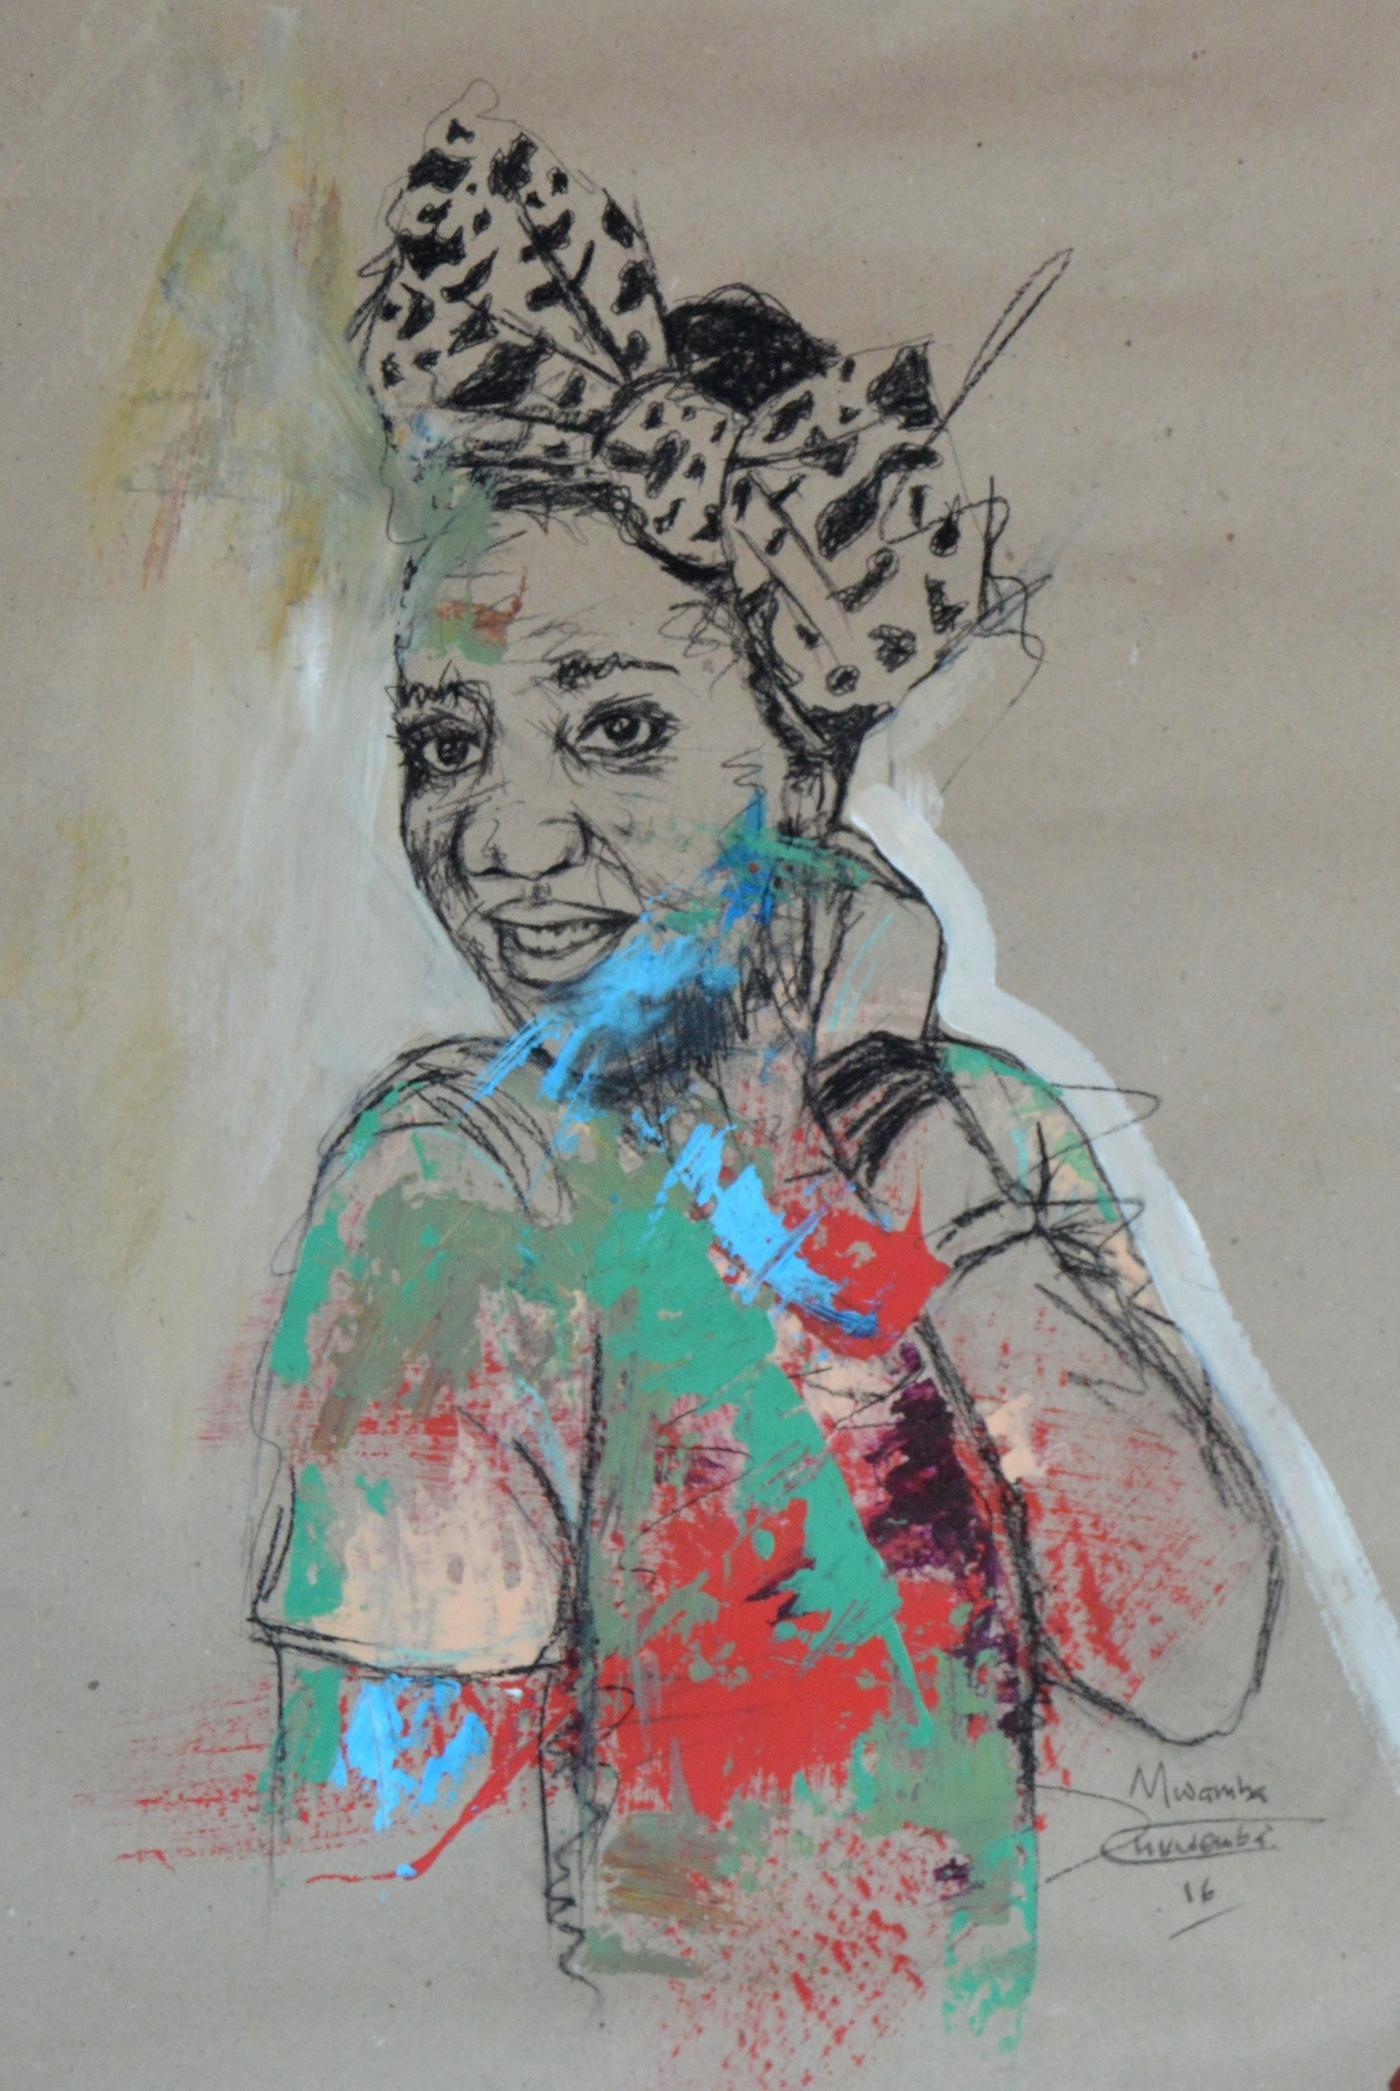 Women's Identity IV, Mwamba Chikwemba, Female Charcoal Drawing, Self-Portrait